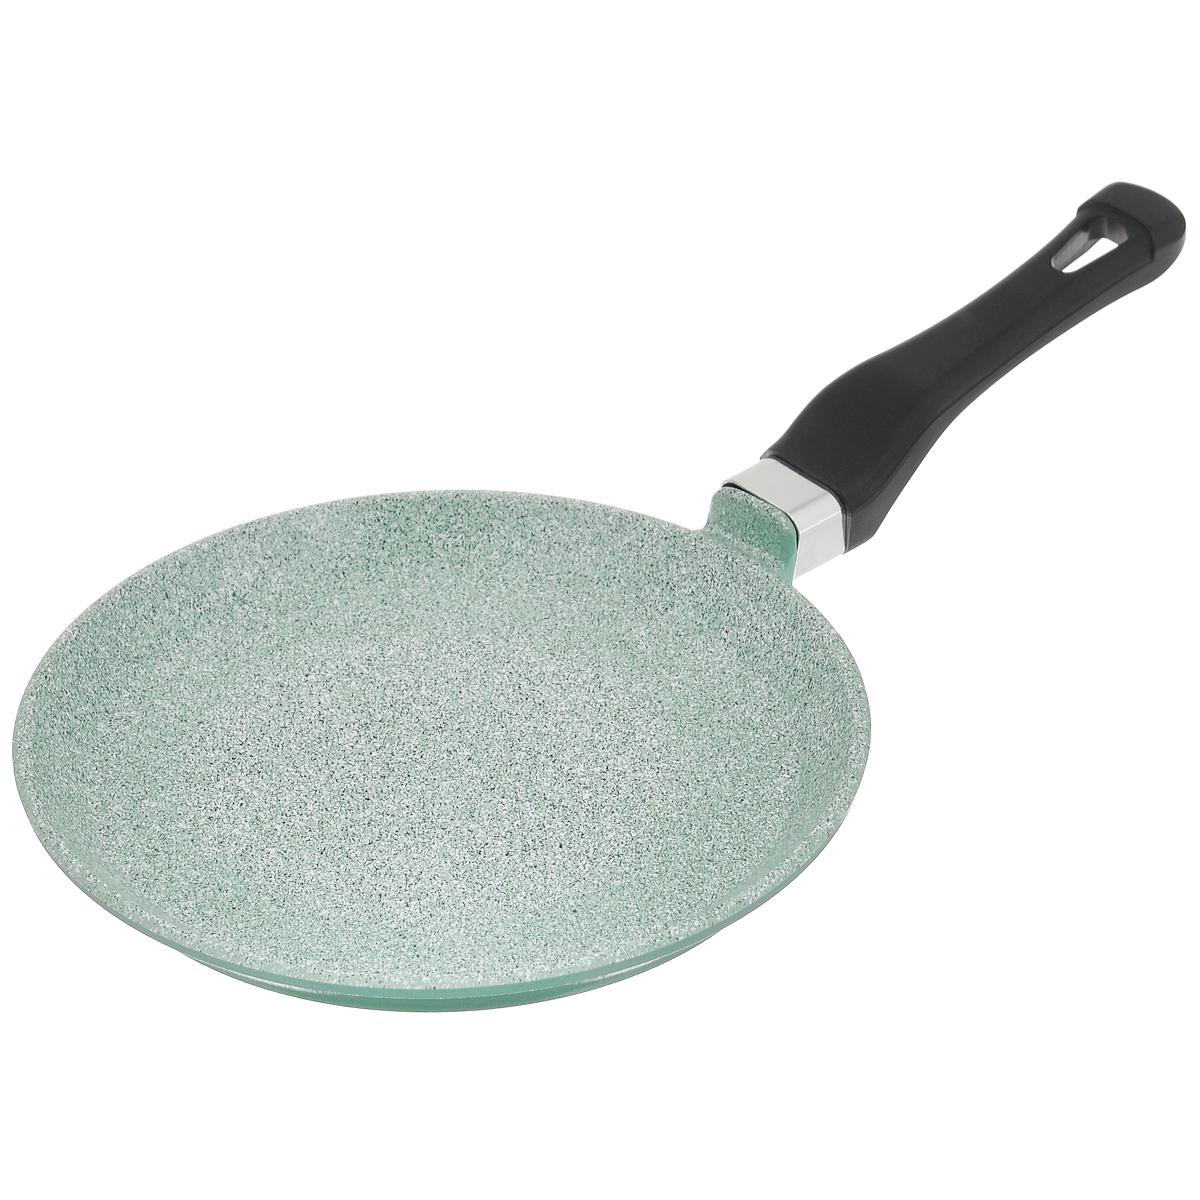 Сковорода для блинов Любава, с керамическим трехслойным антипригарным покрытием керамогранит, цвет: серый. Диаметр 22 смКГ22СбСковорода для блинов Любава Эко с низкими бортами изготовлена из литого алюминия методом ручного литья. Сковорода имеет внутреннее антипригарное покрытие из керамогранита, и внешнее покрытие - пироскан. Метод нанесения - напыление. Антипригарное покрытие состоит из натуральных компонентов, не выделяет вредных веществ. Пироскан - материал для внешнего покрытия на основе термостойких смол, устойчив к загрязнениям и легко моется. Изделие оснащено эргономичной пластиковой ручкой. Материал сковороды не содержит вредных веществ, в том числе ПФОА, свинца и кадмия. Сковорода обладает такими качественными характеристиками, как высокая теплоотдача, долговечность и надежность. Можно использовать на газовых, электрических, стеклокерамических плитах. Не подходит для индукционных плит.Диаметр сковороды (по верхнему краю): 22 см.Высота стенки сковороды: 2,1 см. Толщина стенки сковороды: 5 мм. Толщина дна сковороды: 6 мм. Длина ручки: 16 см.